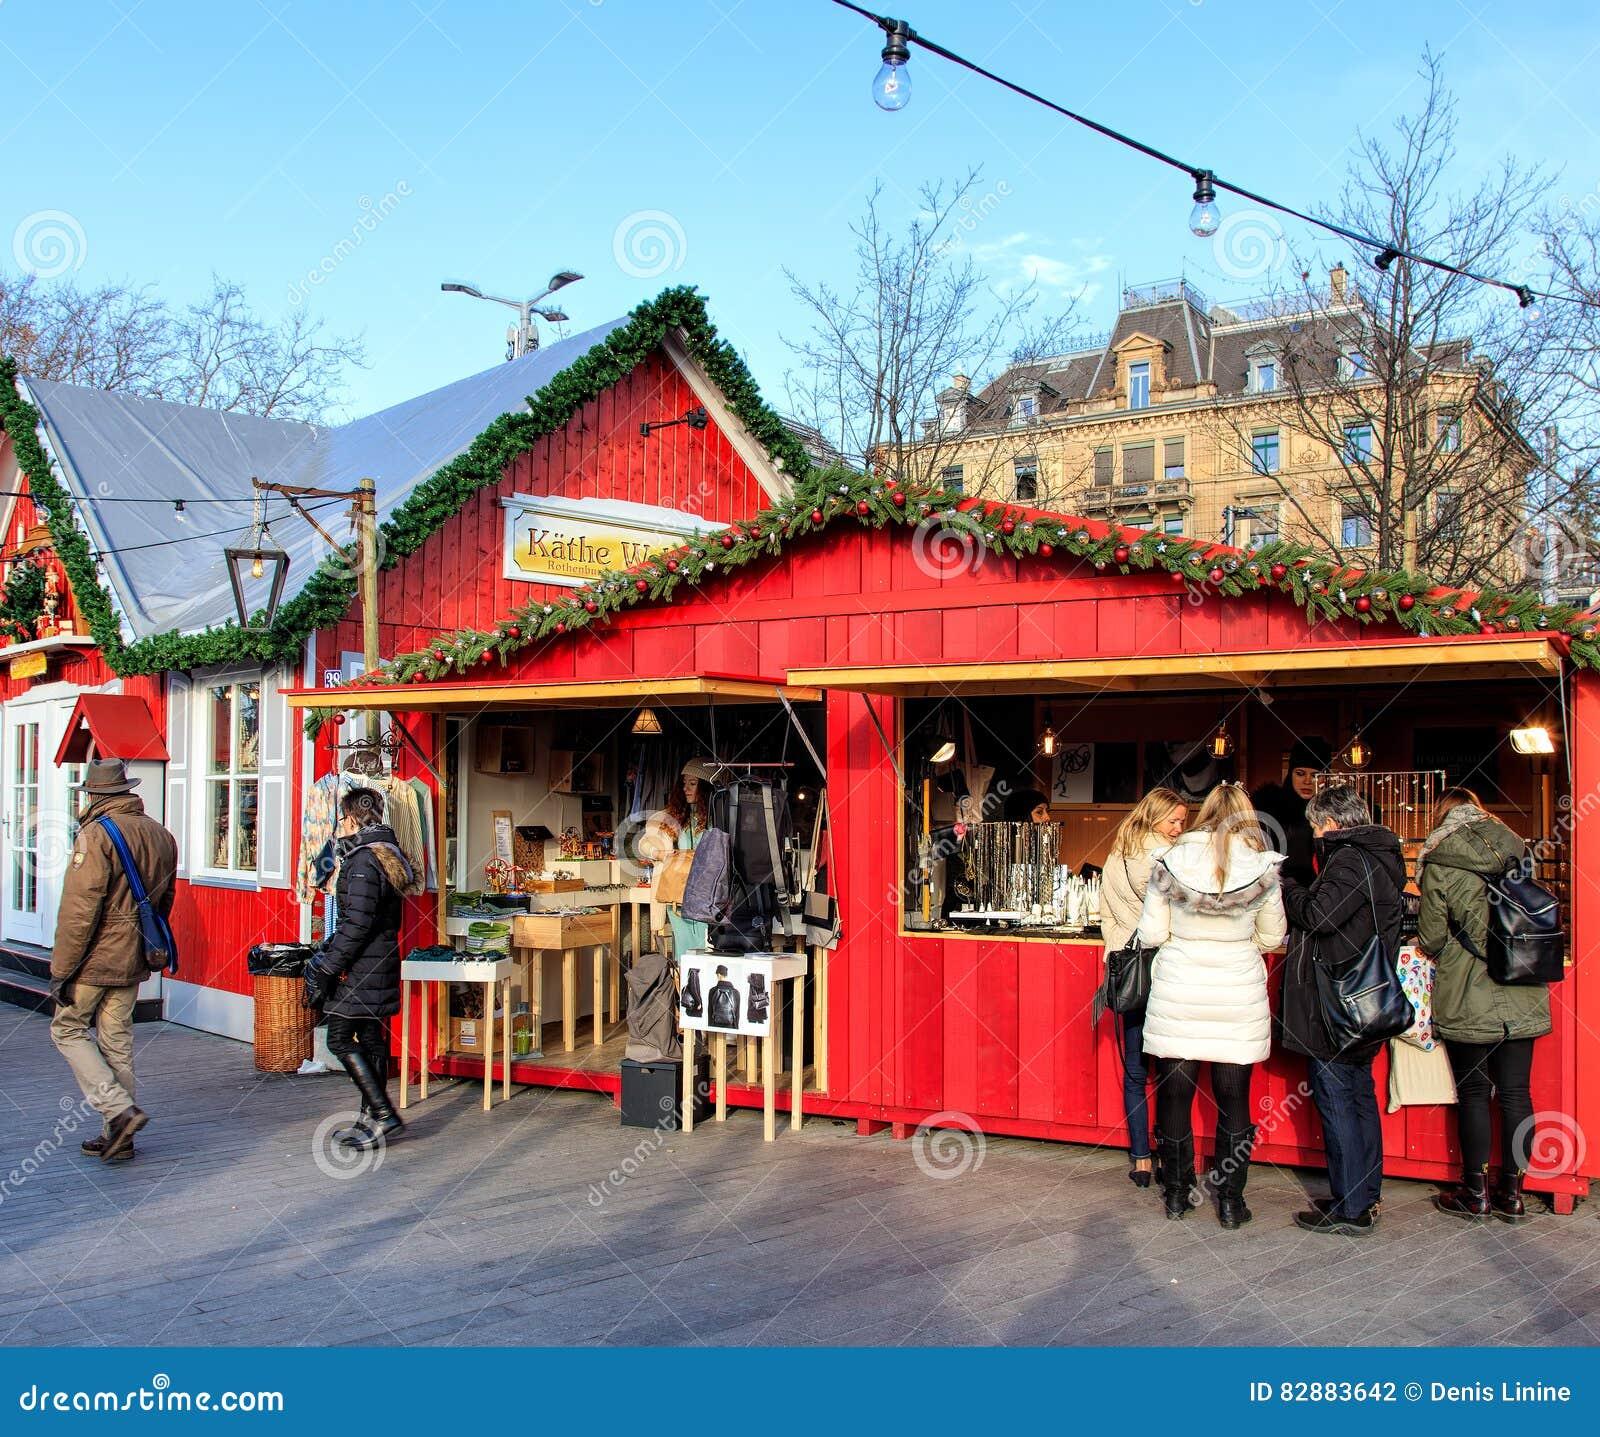 Christmas Market In Zurich, Switzerland Editorial Photography ...